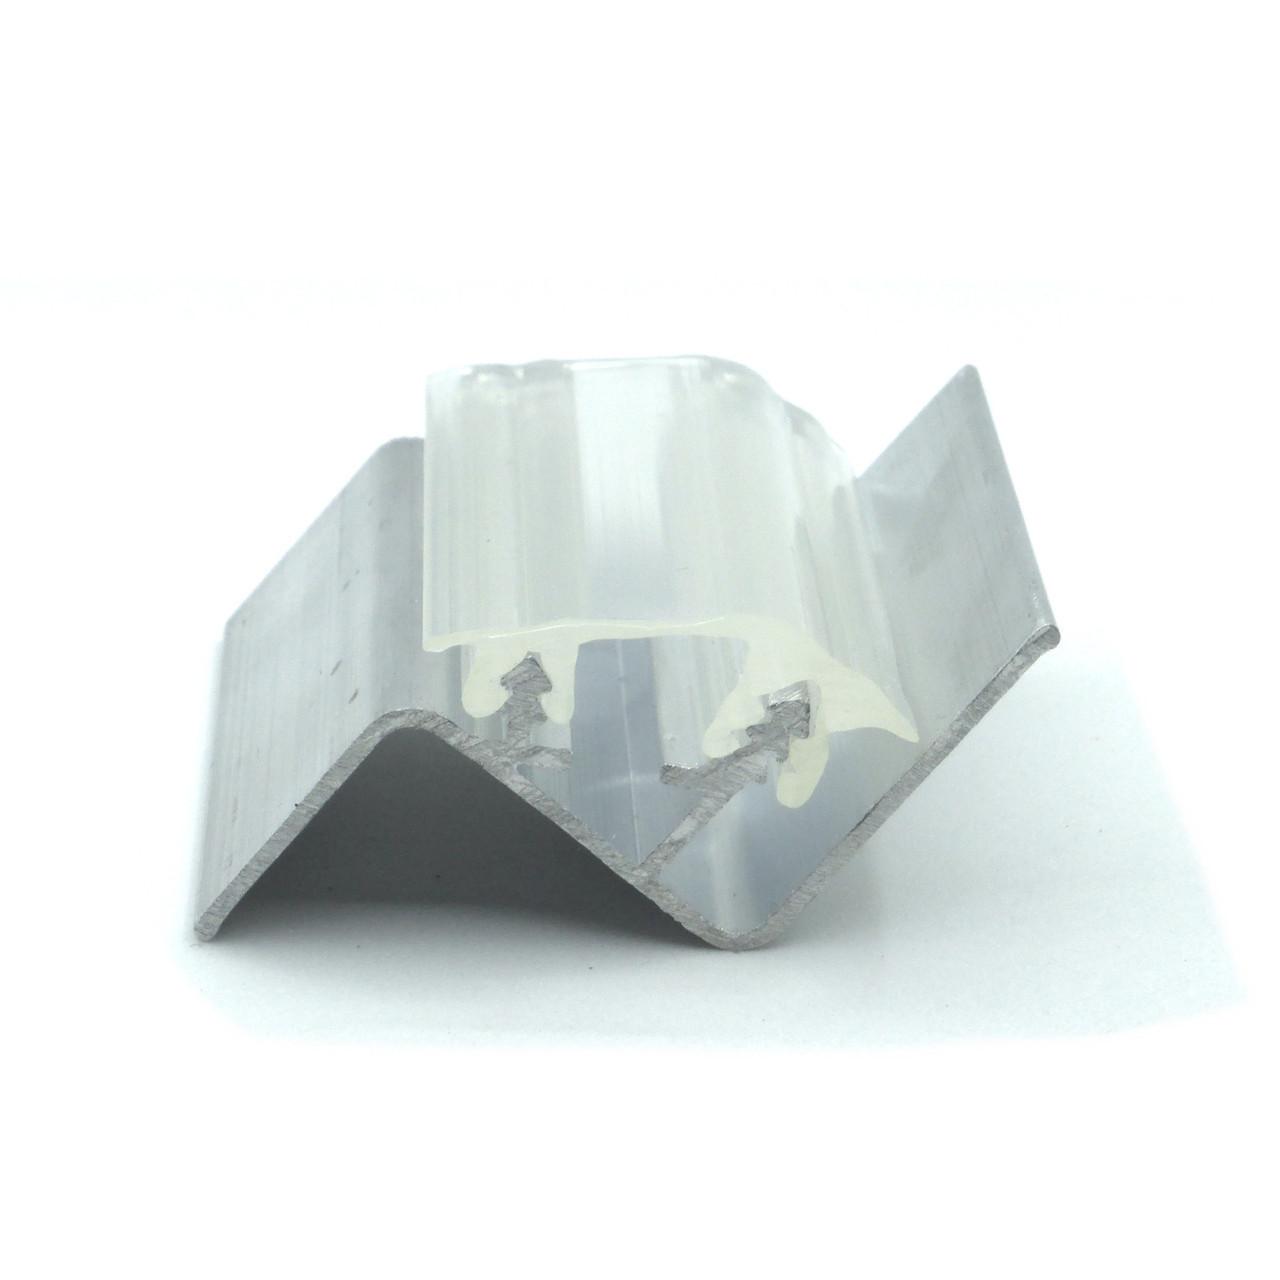 Профиль алюминиевый для натяжных потолков - парящий, со вставкой №1. Длина профиля 2 м.